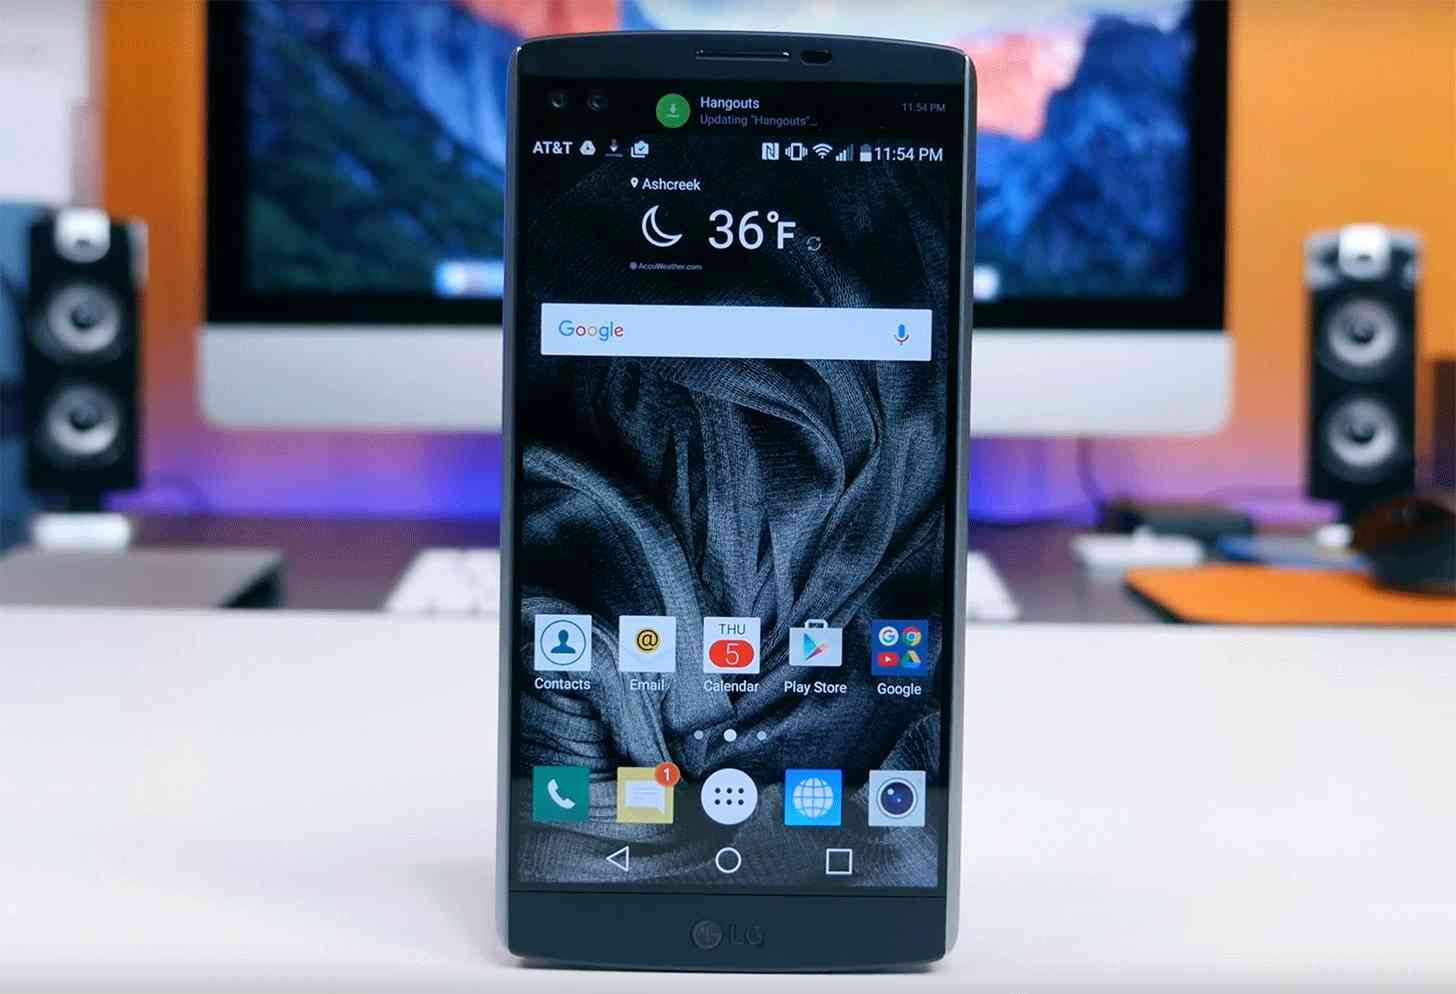 LG V10 front large